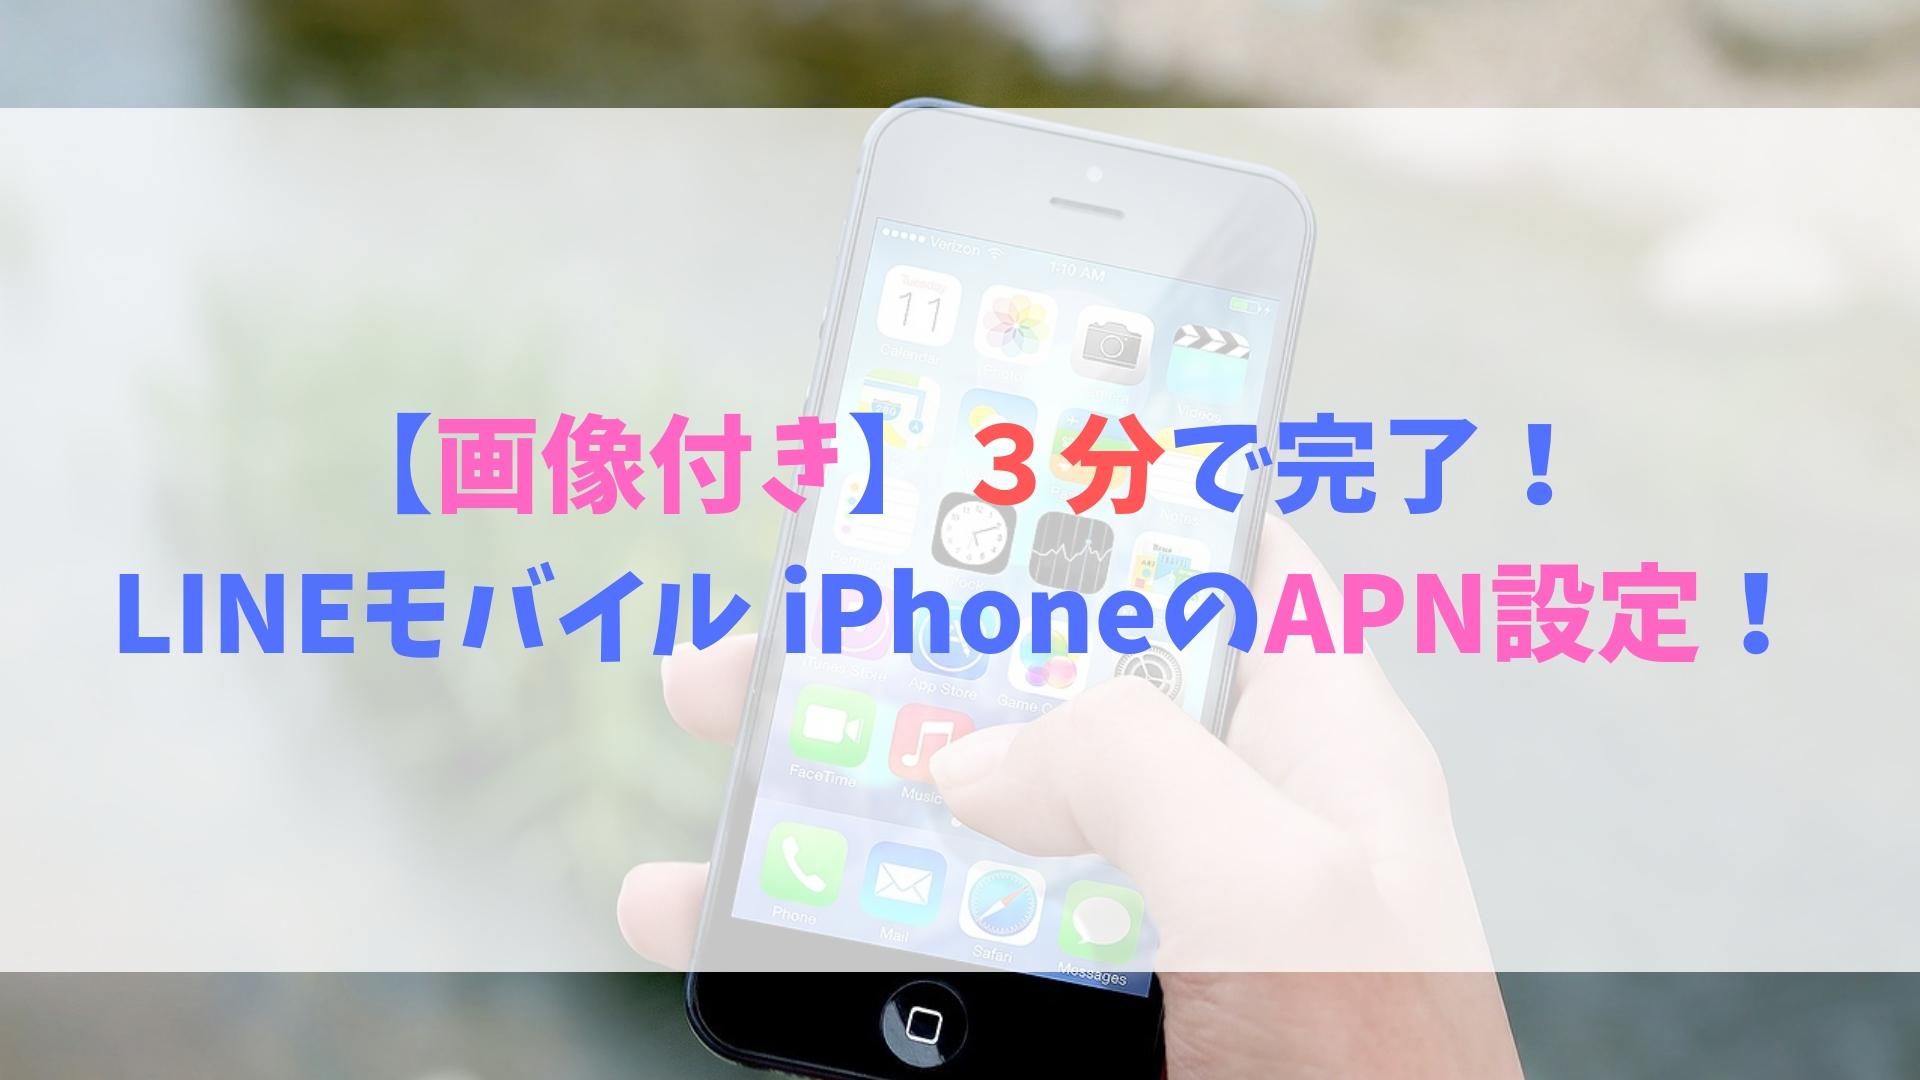 【画像付き】 3分で完了! LINEモバイル iPhoneのAPN設定!